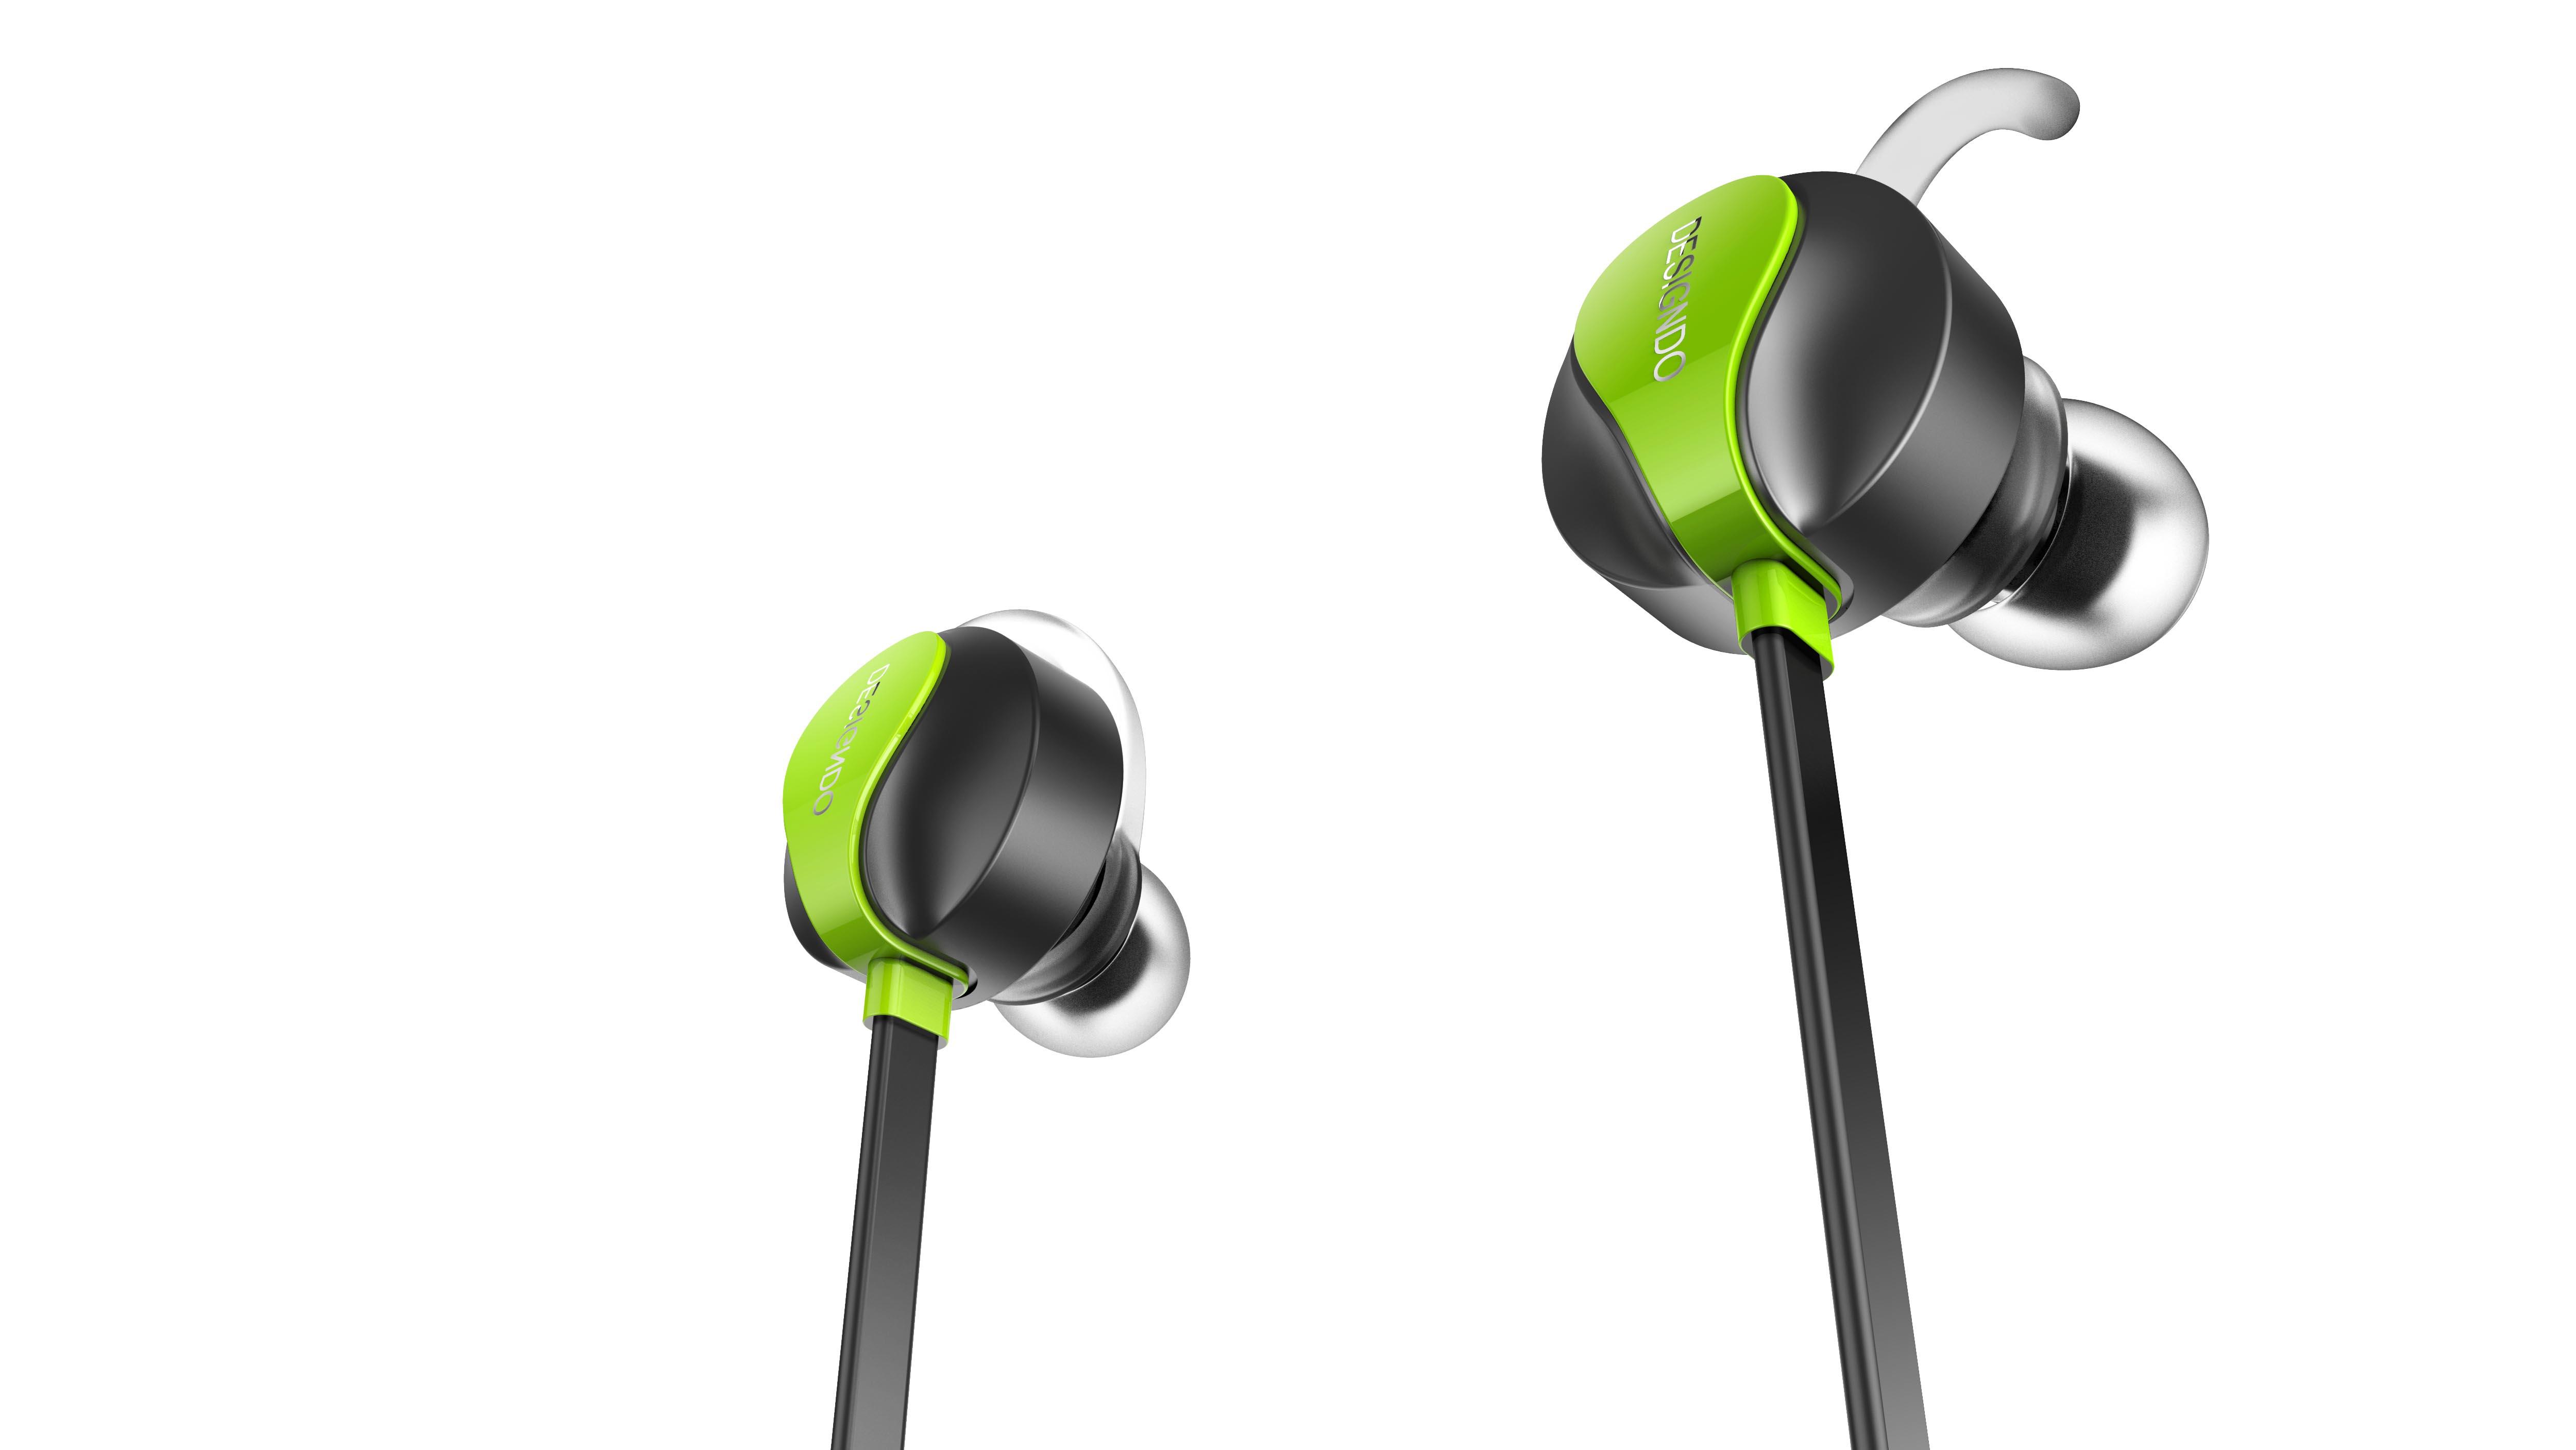 入耳式耳机1_产品设计-来设计